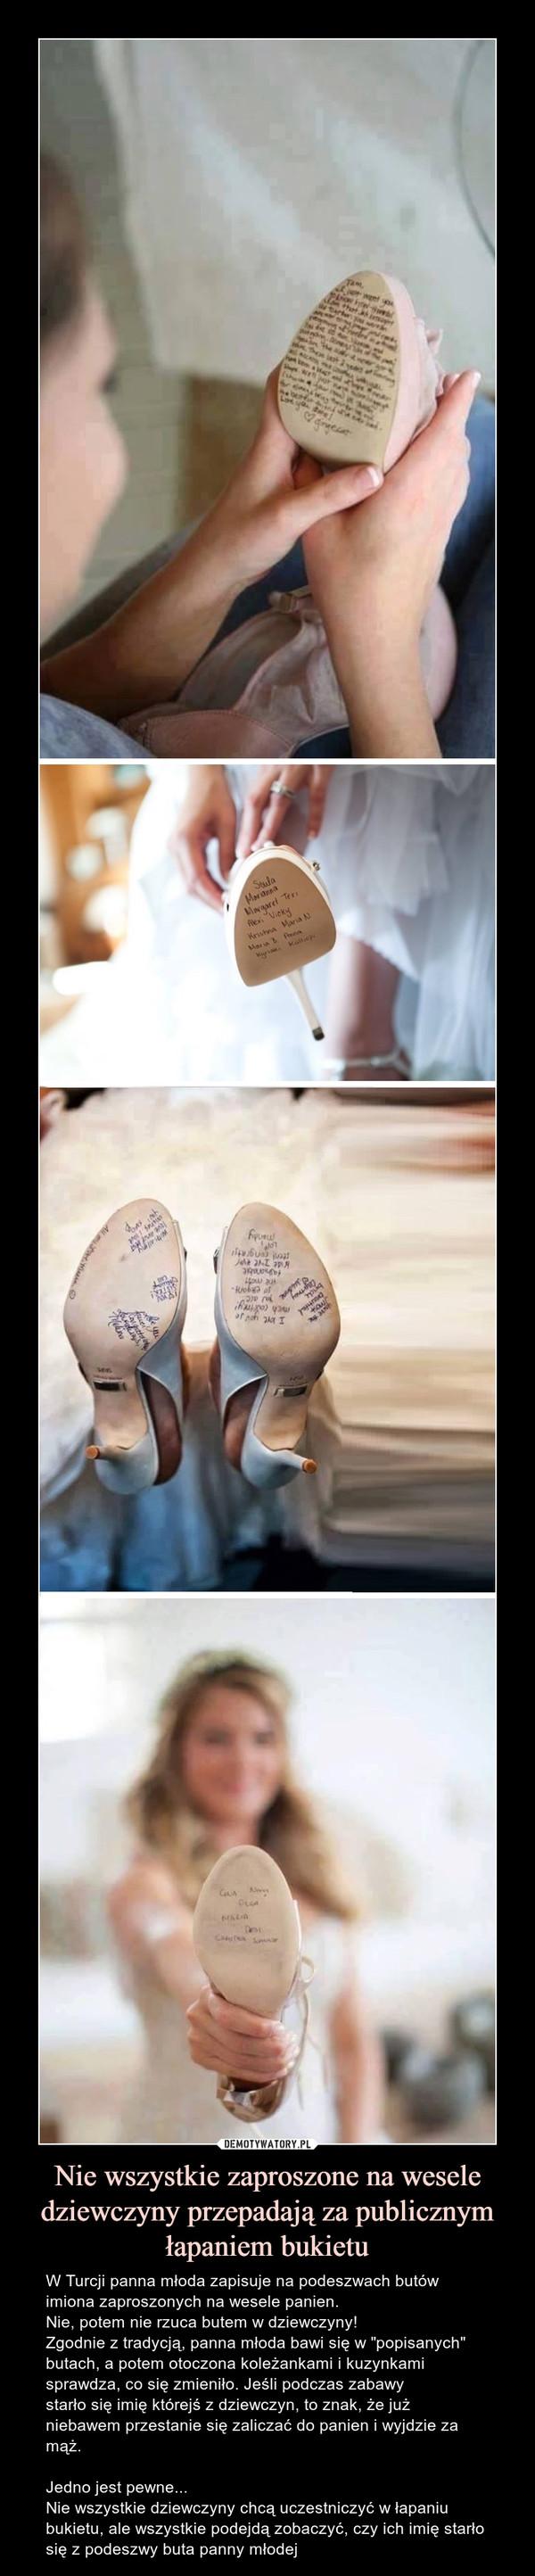 """Nie wszystkie zaproszone na wesele dziewczyny przepadają za publicznym łapaniem bukietu – W Turcji panna młoda zapisuje na podeszwach butów imiona zaproszonych na wesele panien. Nie, potem nie rzuca butem w dziewczyny!Zgodnie z tradycją, panna młoda bawi się w """"popisanych"""" butach, a potem otoczona koleżankami i kuzynkami sprawdza, co się zmieniło. Jeśli podczas zabawy starło się imię którejś z dziewczyn, to znak, że już niebawem przestanie się zaliczać do panien i wyjdzie za mąż.Jedno jest pewne... Nie wszystkie dziewczyny chcą uczestniczyć w łapaniu bukietu, ale wszystkie podejdą zobaczyć, czy ich imię starło się z podeszwy buta panny młodej W Turcji panna młoda zapisuje na podeszwach butów imiona zaproszonych na wesele panien. Nie, potem nie rzuca butem w dziewczyny!Zgodnie z tradycją, panna młoda bawi się w """"popisanych"""" butach, a potem otoczona koleżankami i kuzynkami sprawdza, co się zmieniło...Jeśli podczas zabawy starło się imię którejś z dziewczyn, to znak, że już niebawem przestanie się zaliczać do panien i wyjdzie za mąż.Jedno jest pewne... Nie wszystkie dziewczyny chcą uczestniczyć w łapaniu bukietu, ale wszystkie podejdą zobaczyć, czy ich imię starło się z podeszwy buta panny młodej"""